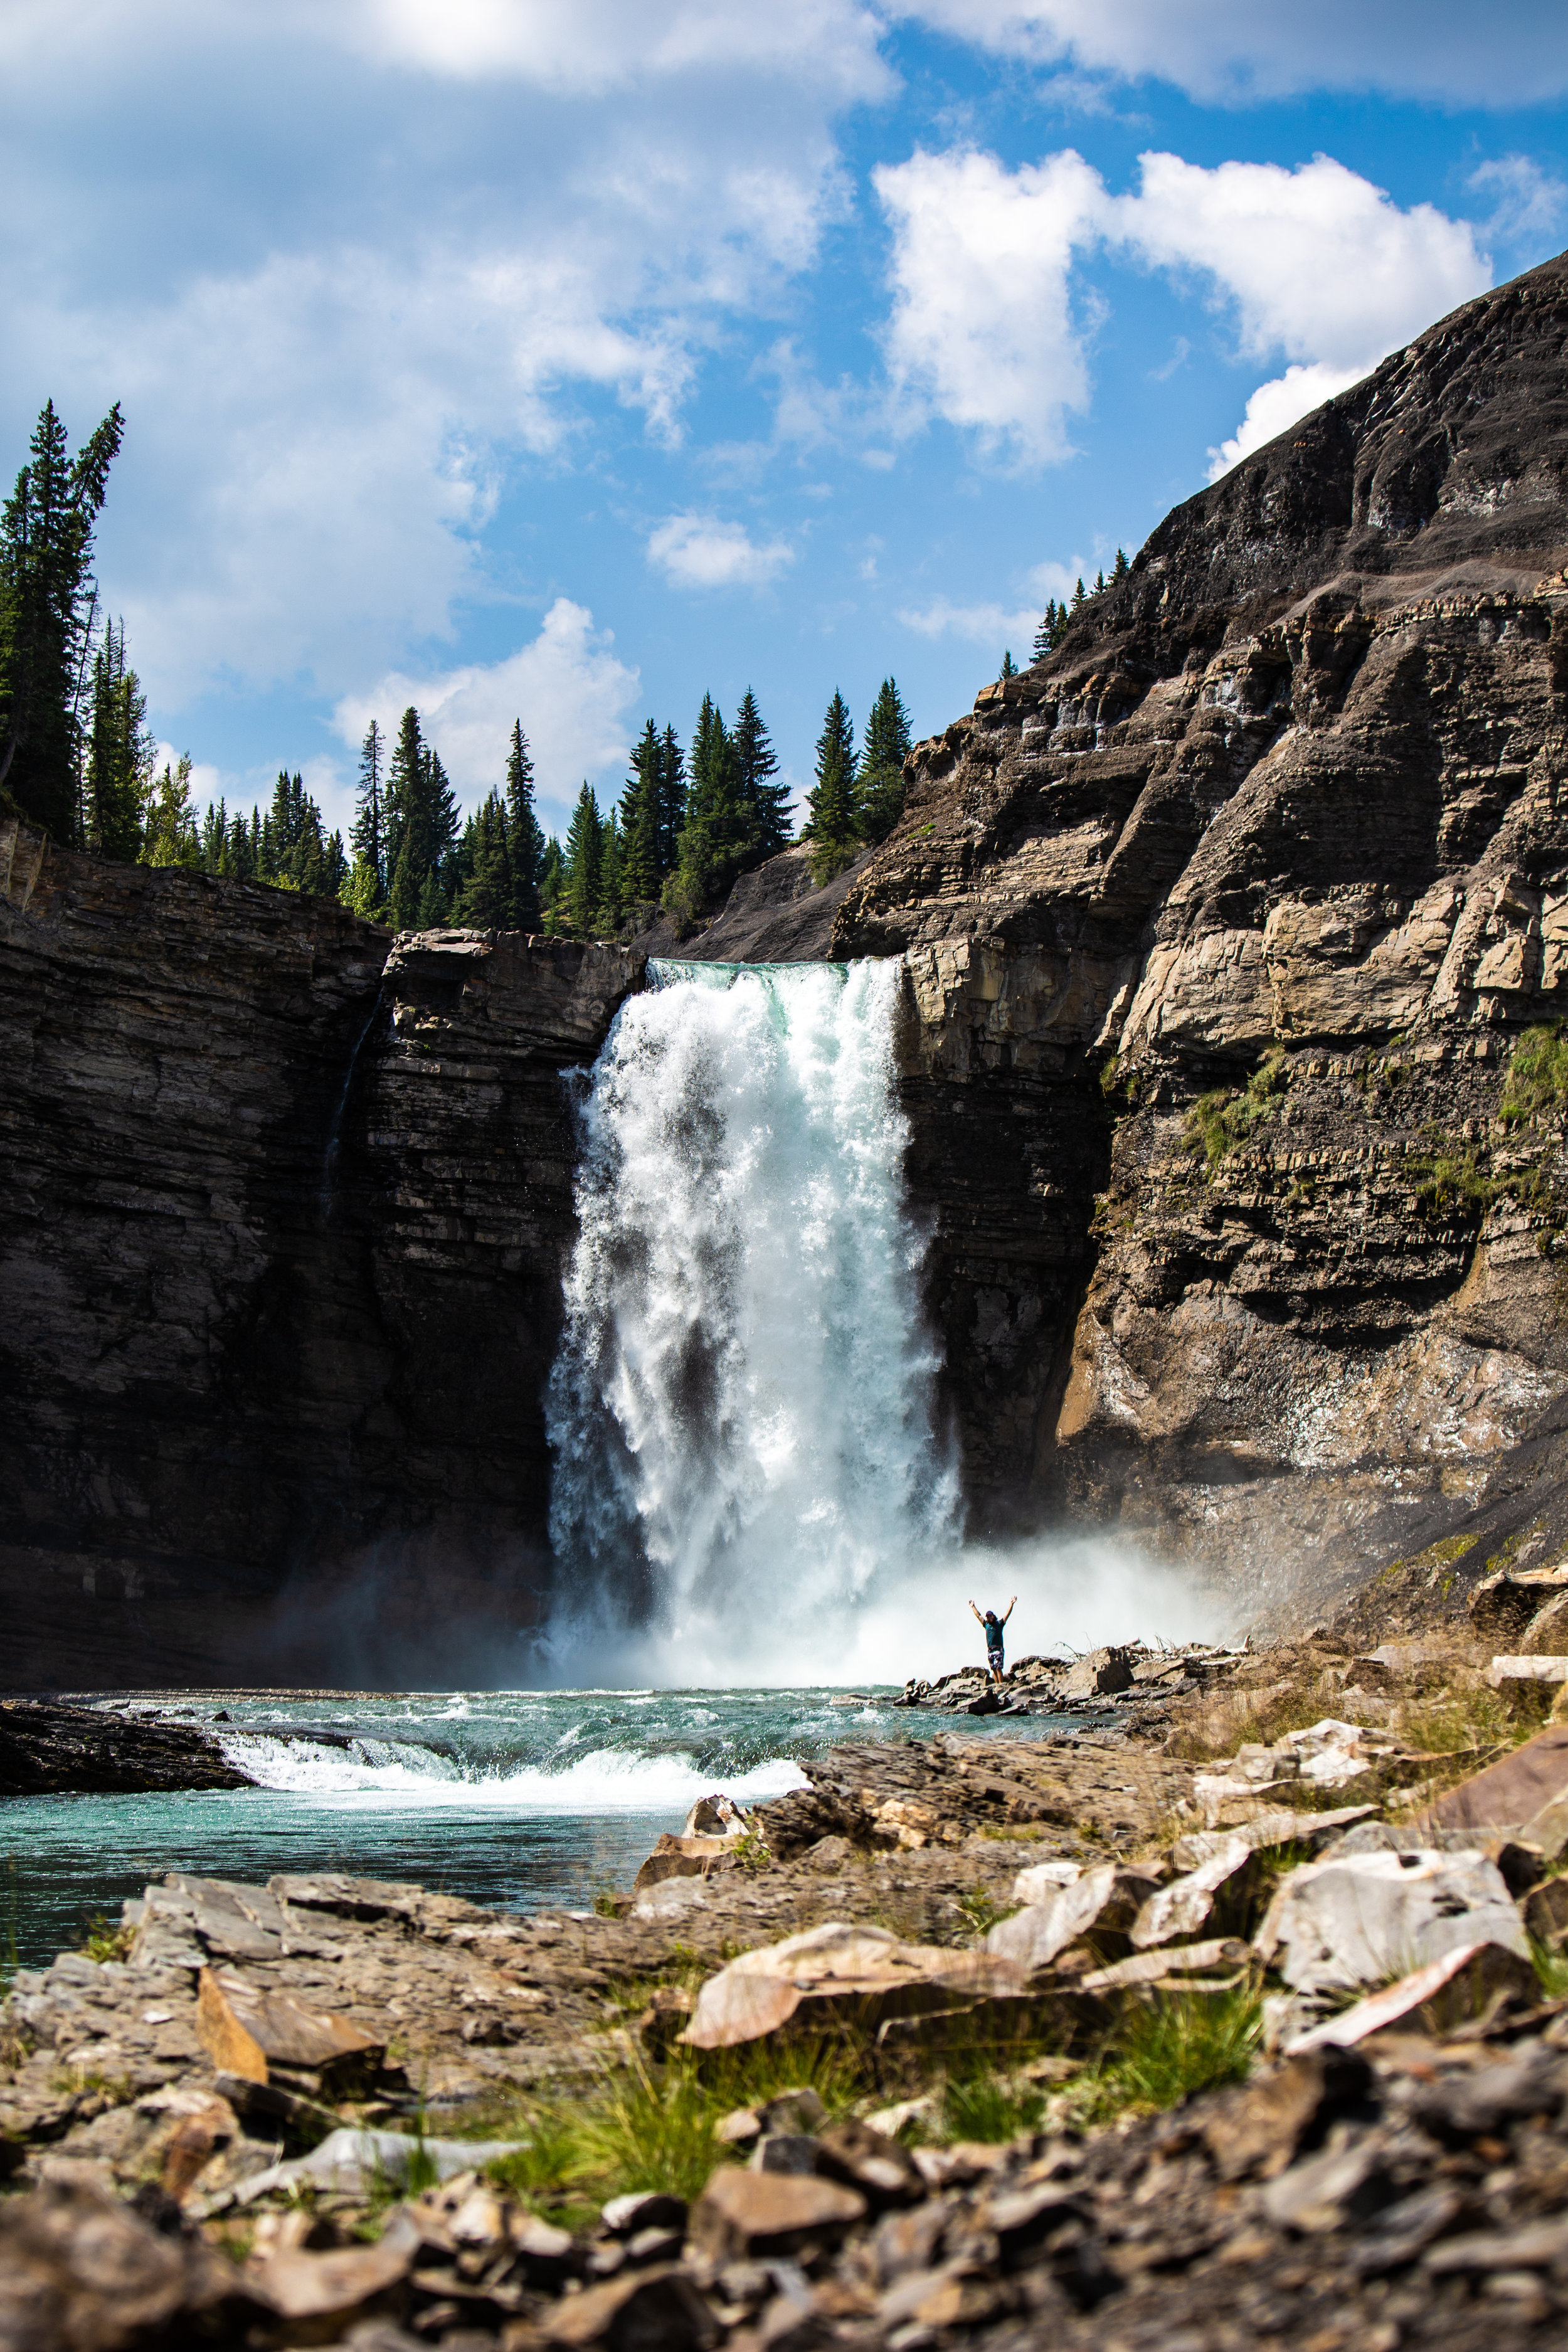 Huzzah, waterfalls!